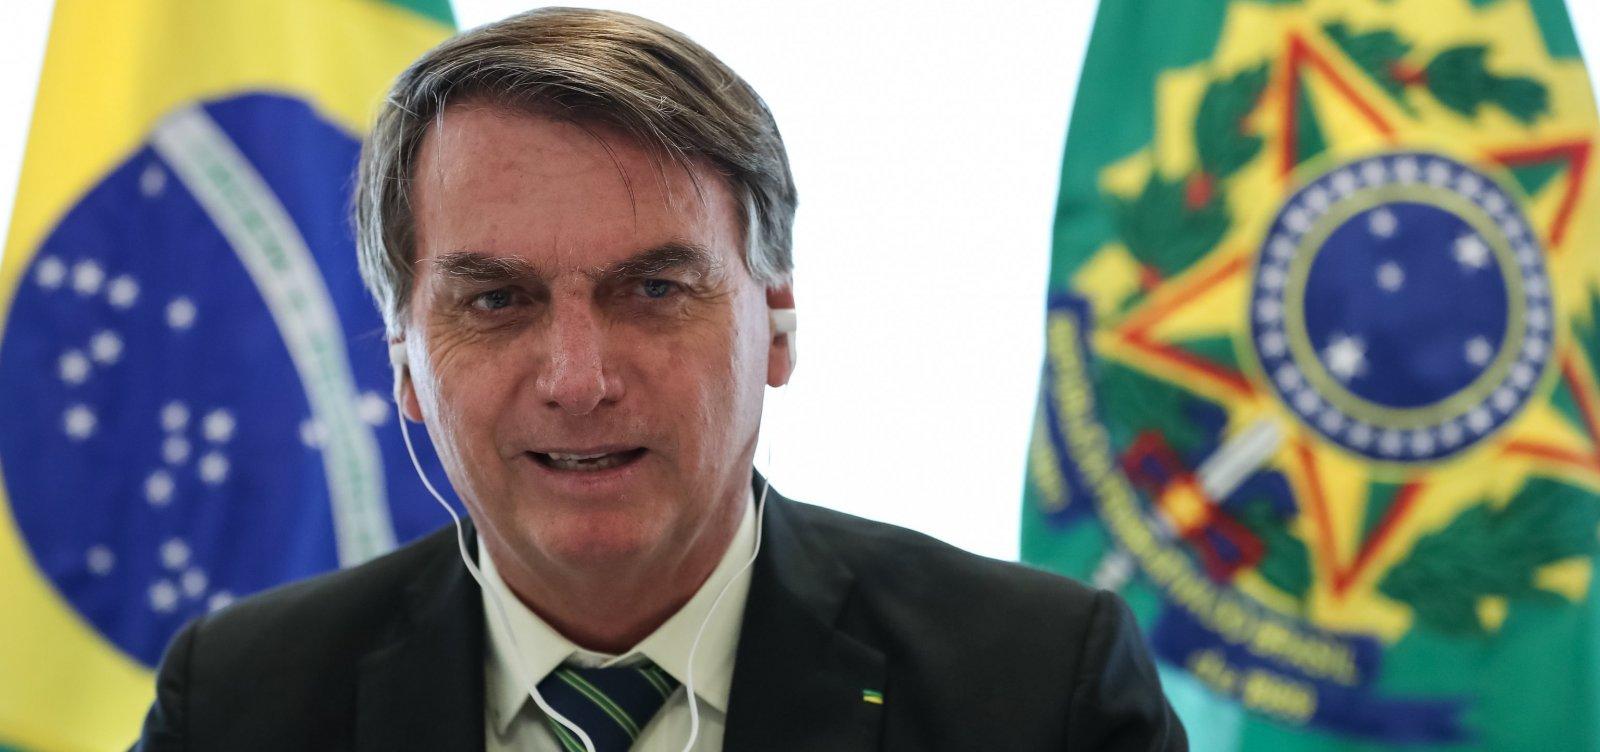 [MPF processa União por falas machistas de Bolsonaro e ministros]